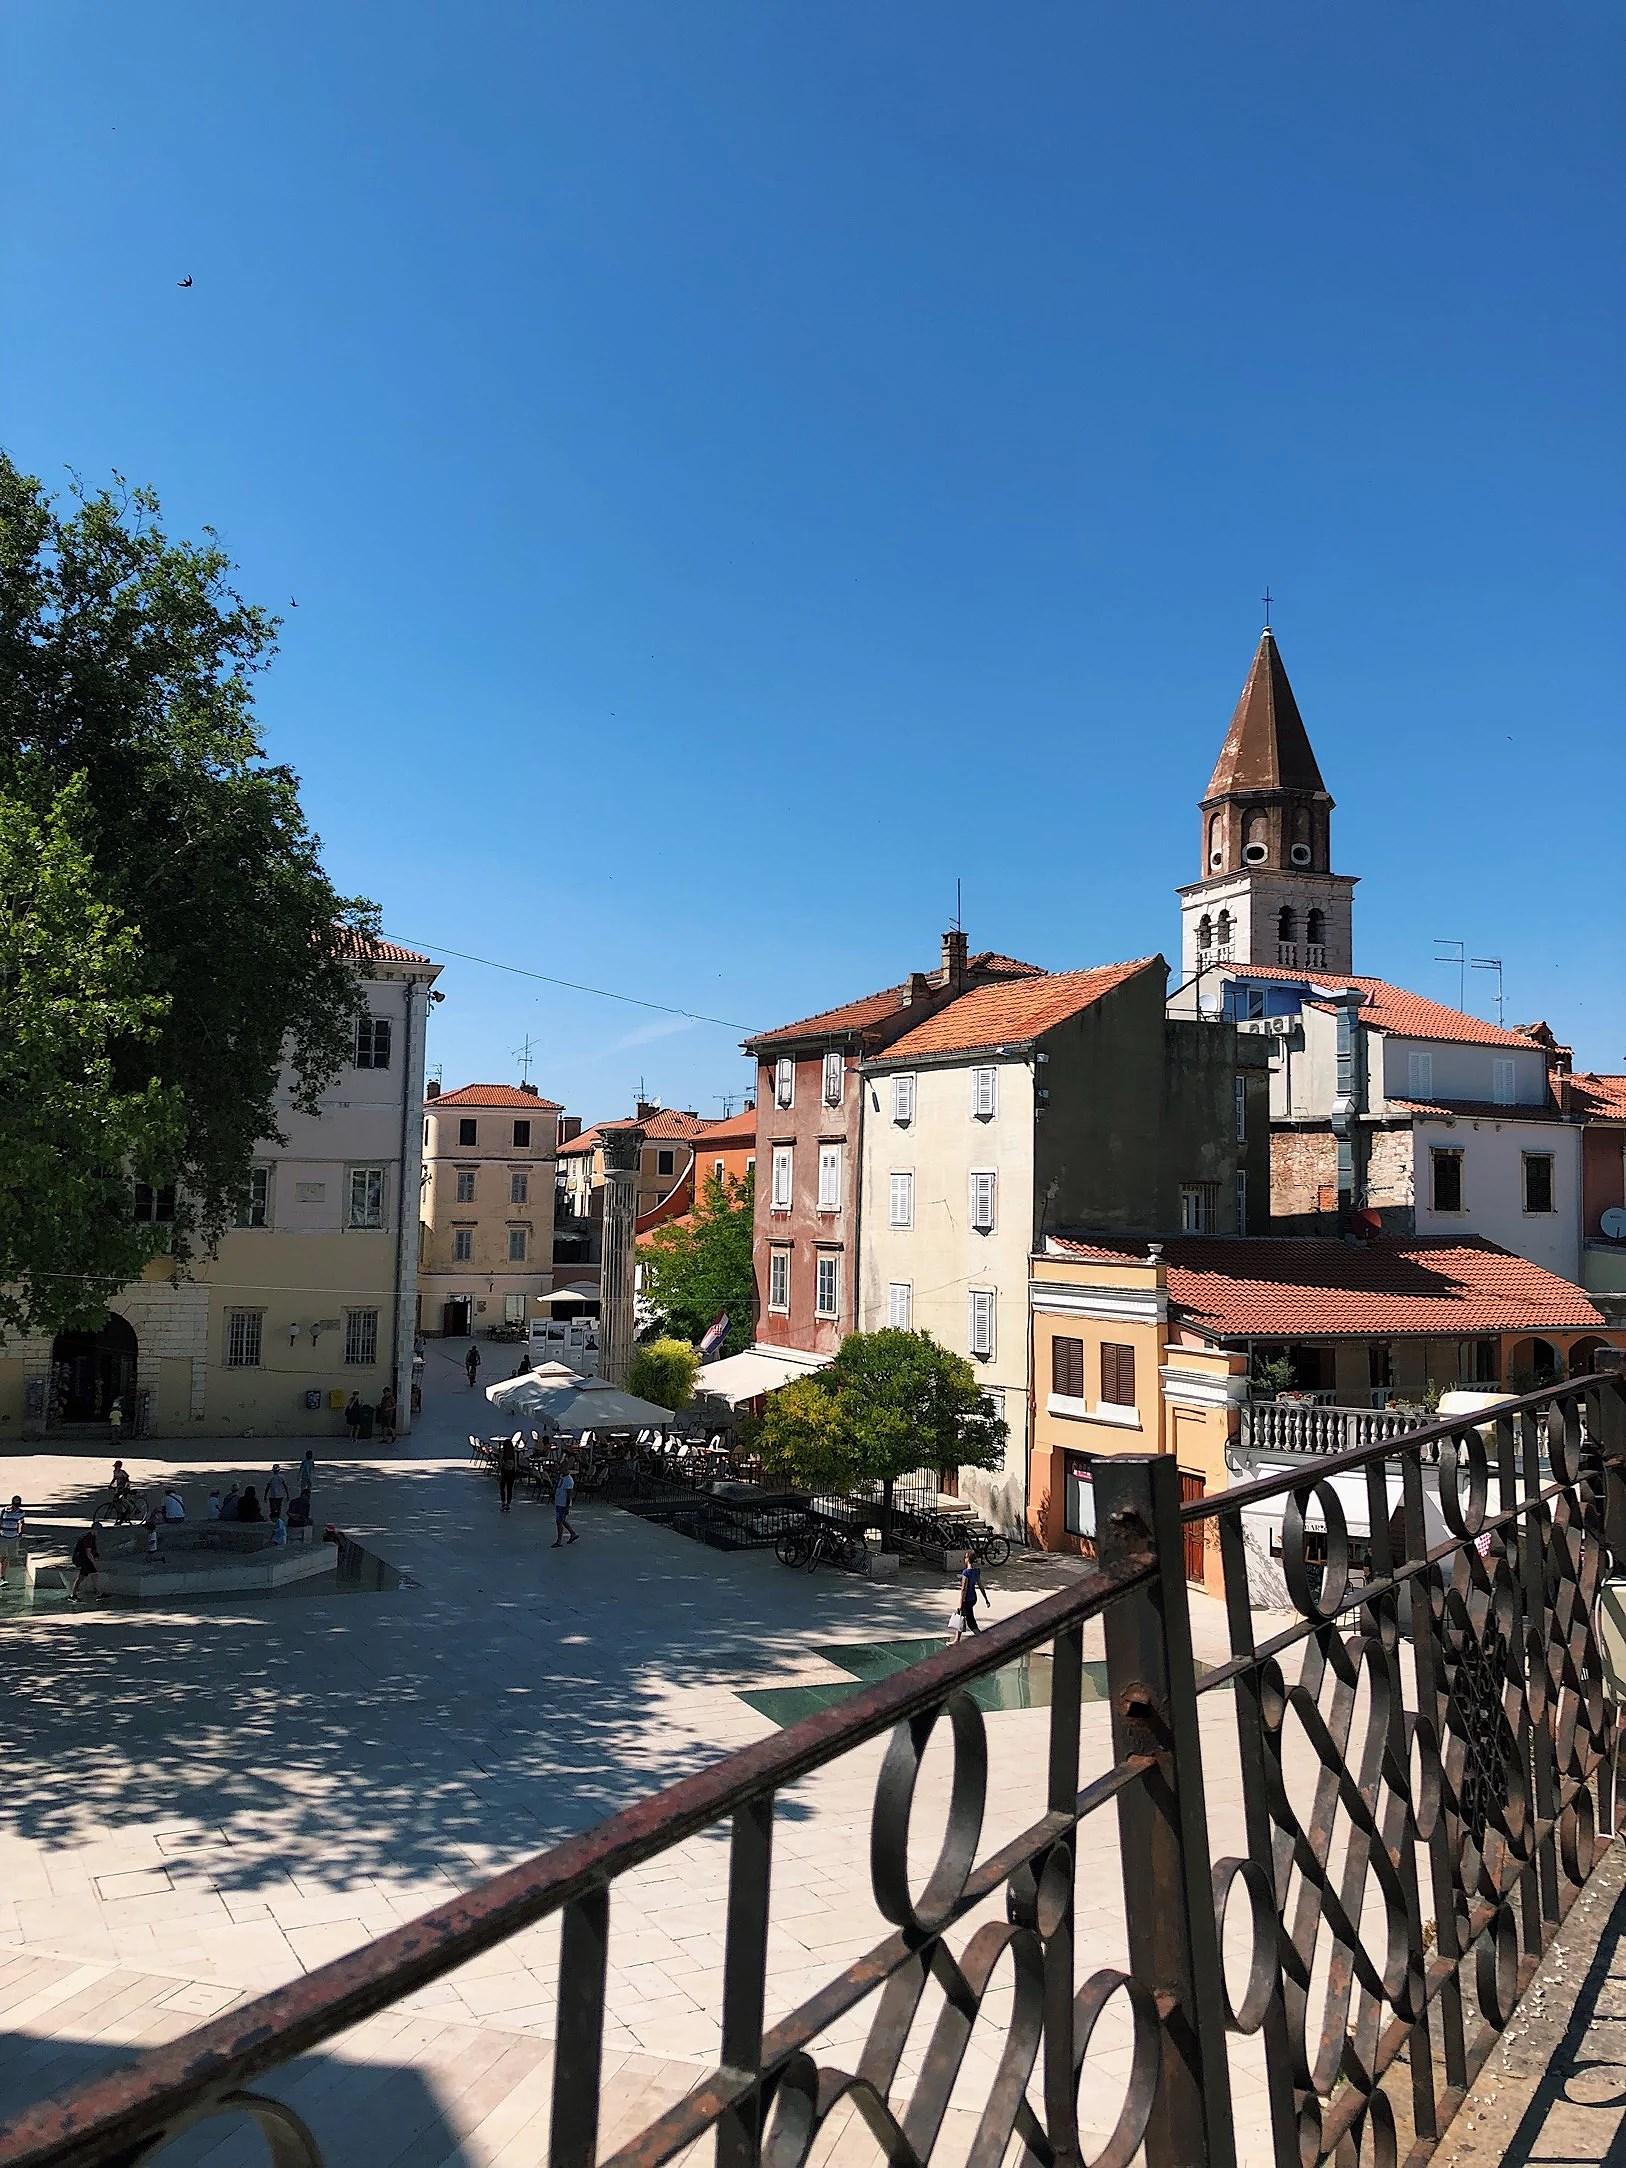 Överlycklig i Zadar